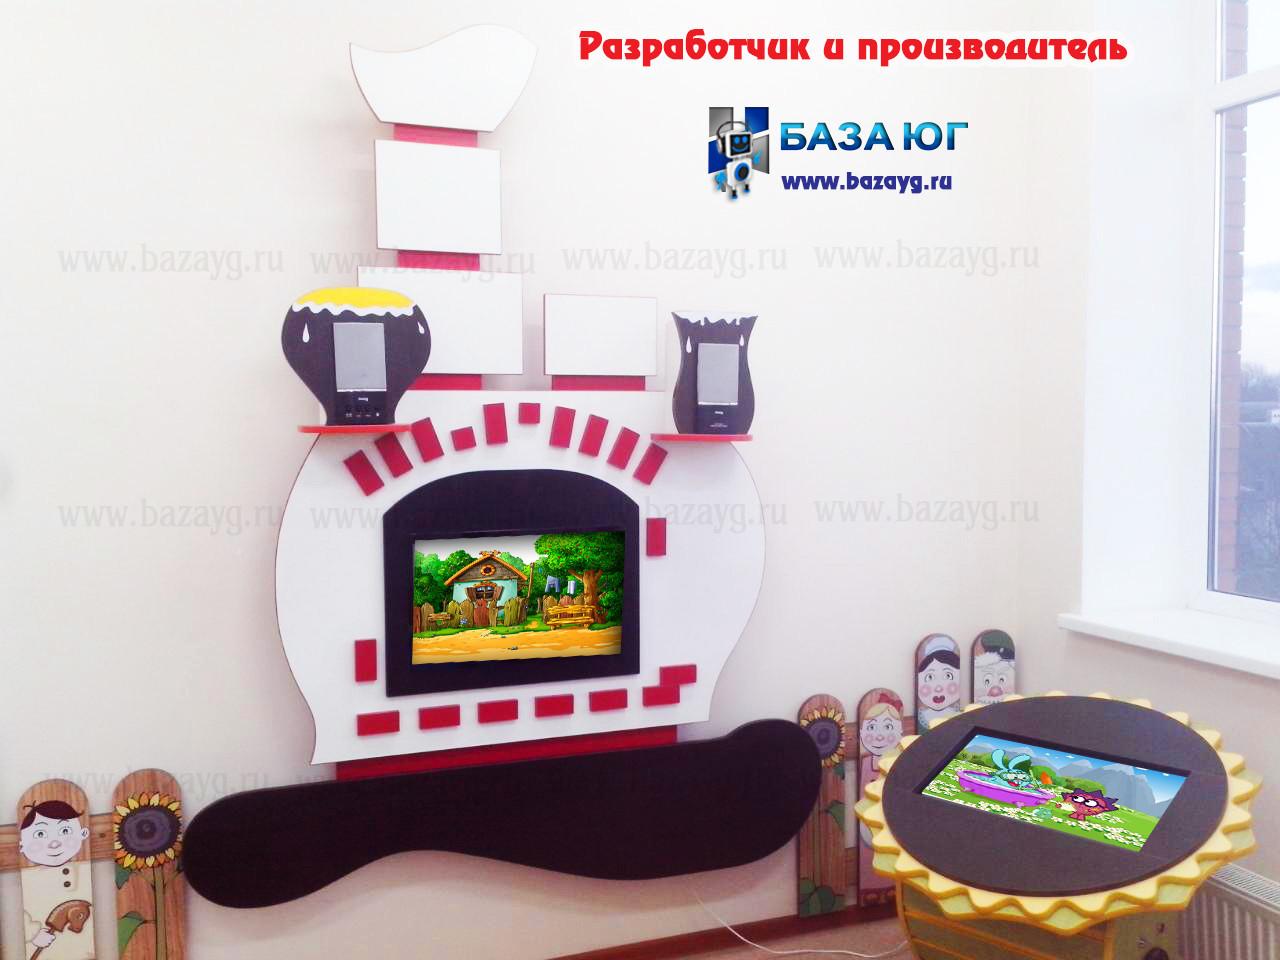 Интерактивная сенсорная панель Печь